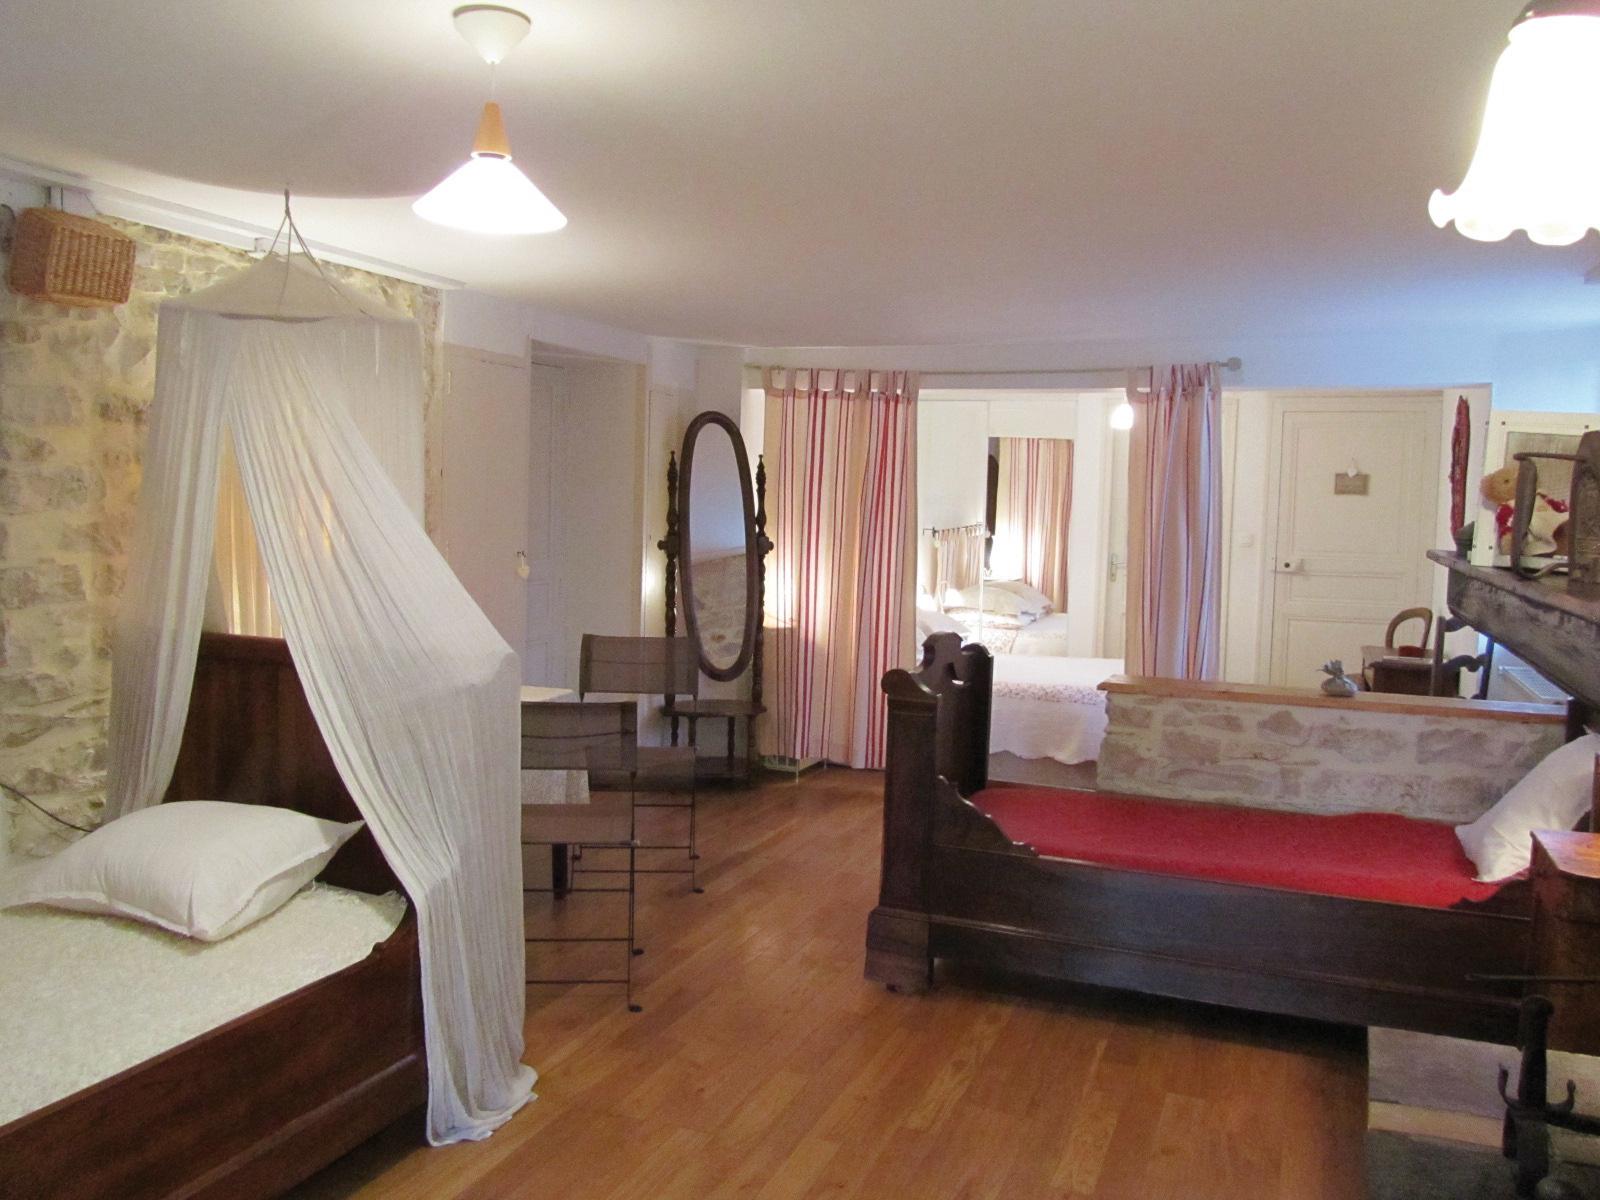 Chambres d'hôtes Devaux alzonne 11170 N° 2